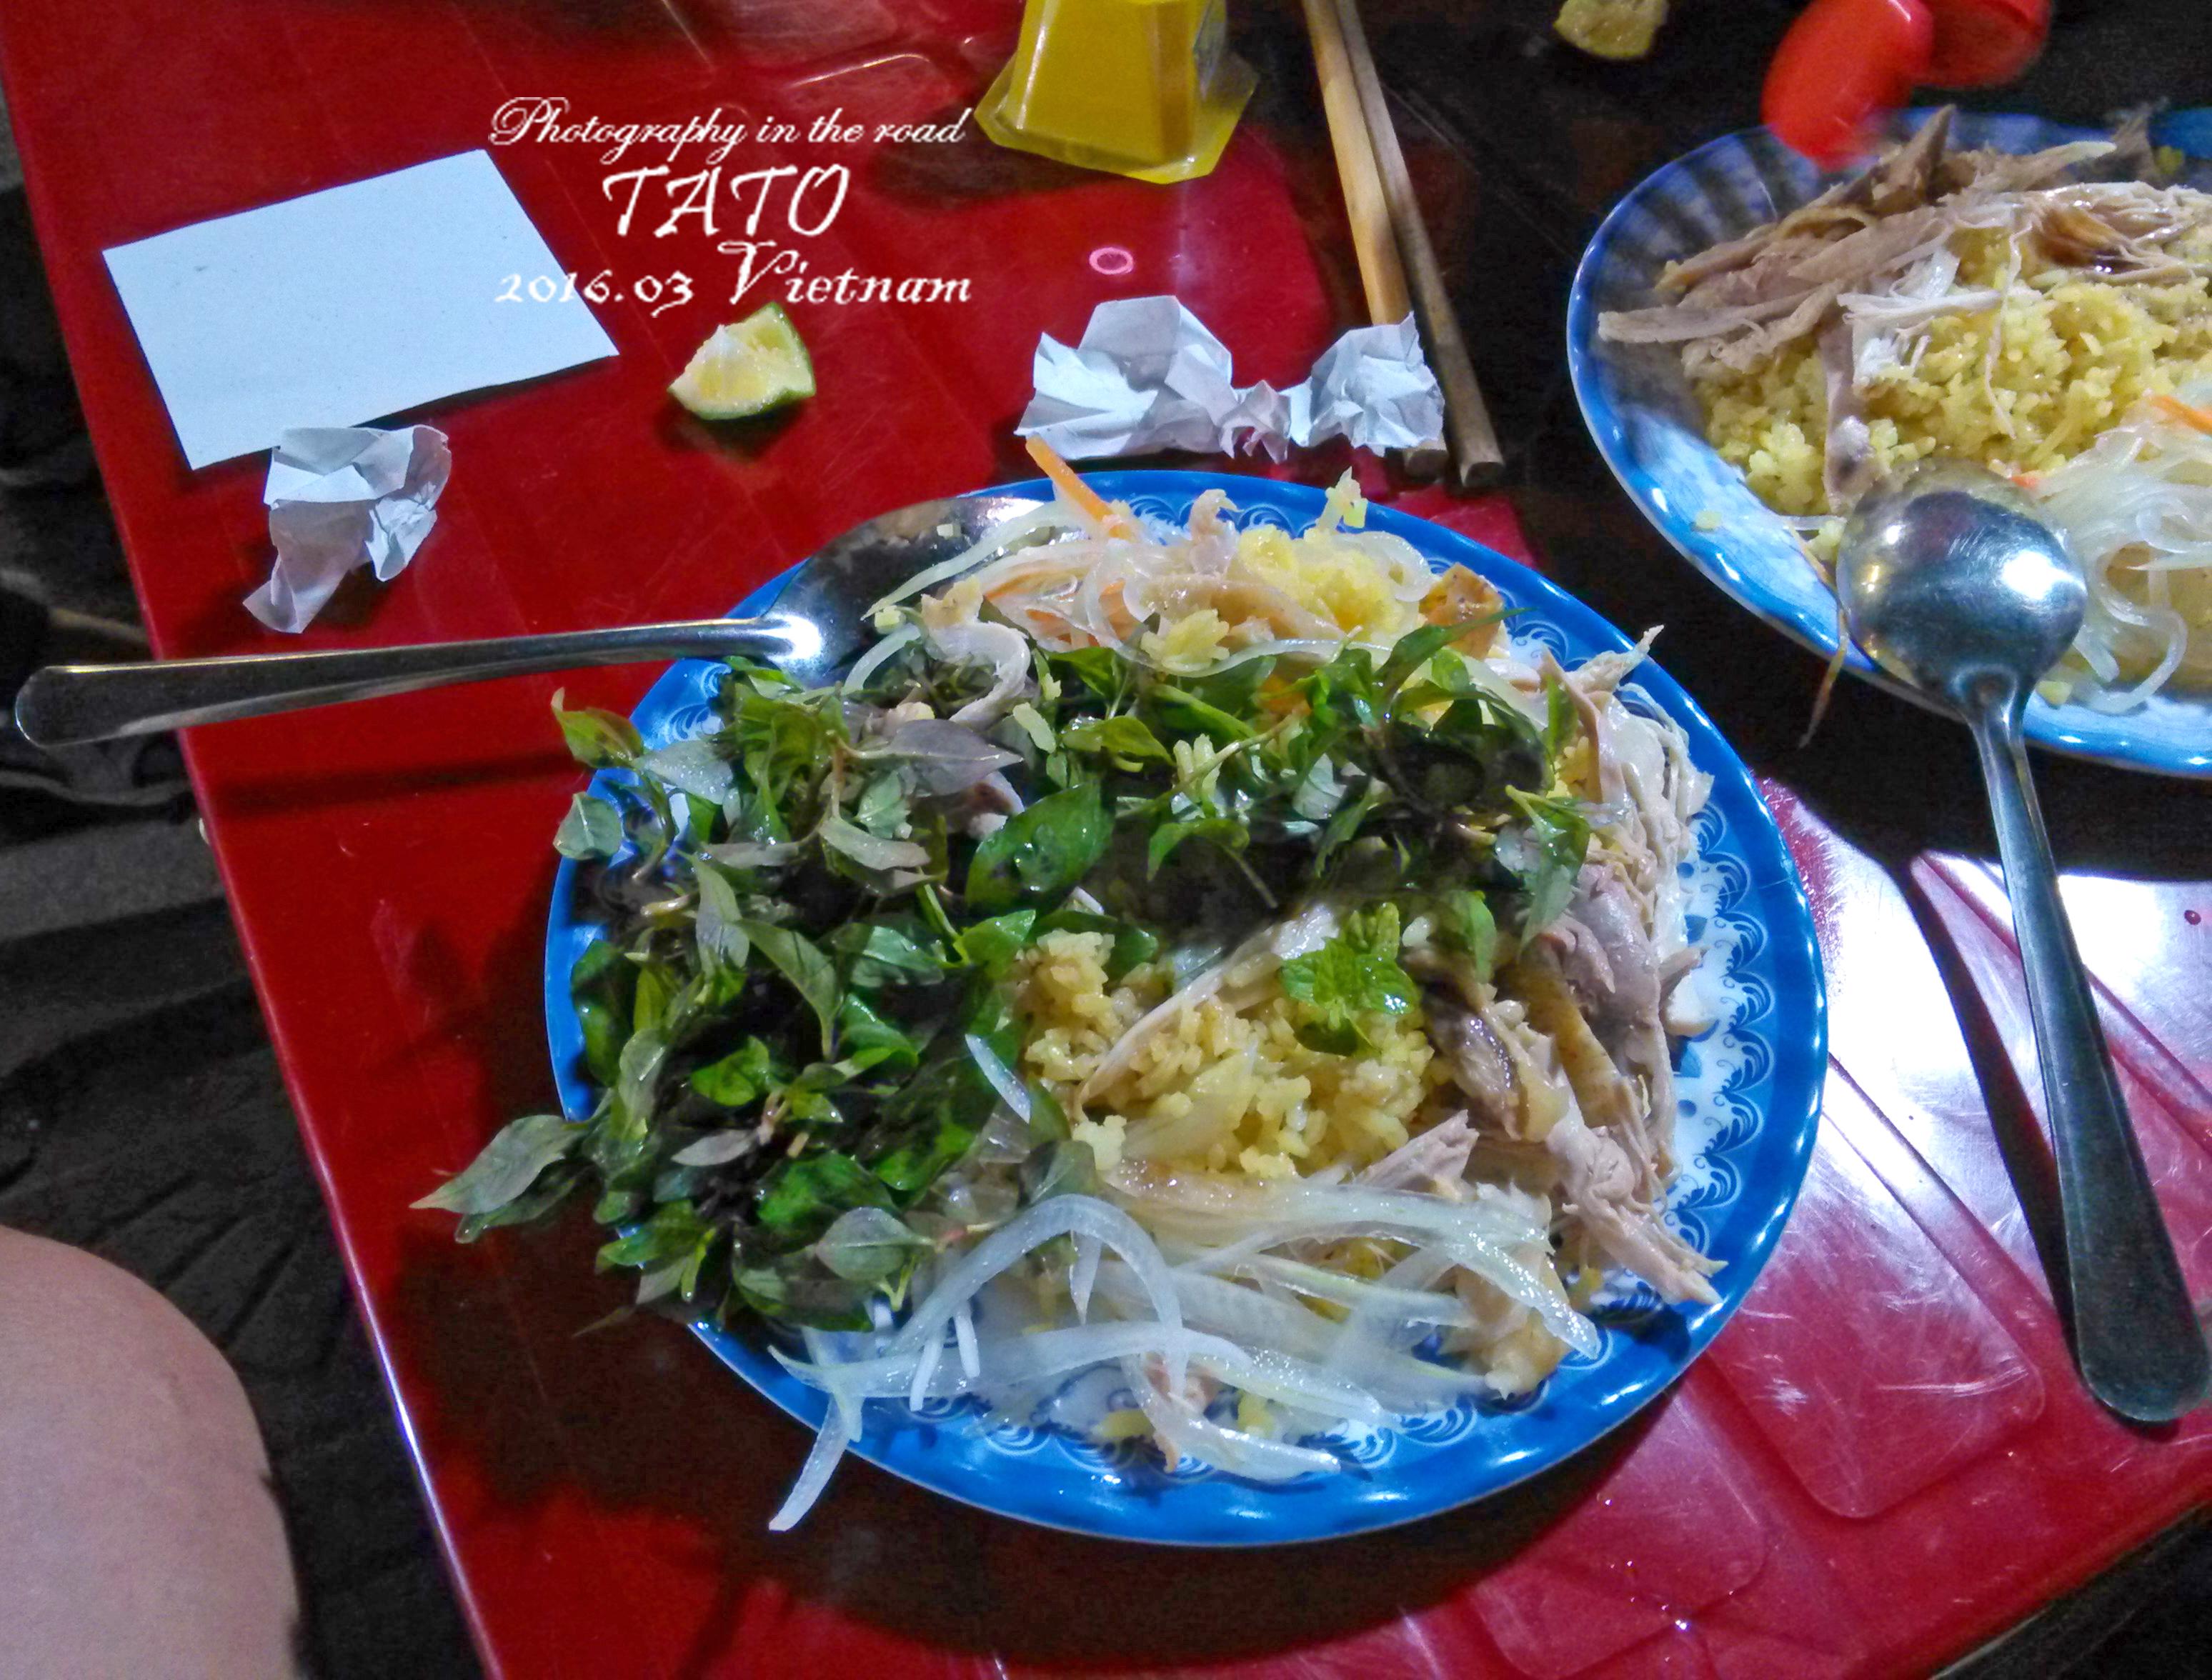 鸡饭,黄色的肉品,配上白切鸡肉,一些新鲜的米饭和品质,挤上一点柠檬汁黑龙江叶子洋葱v黄色合格图片